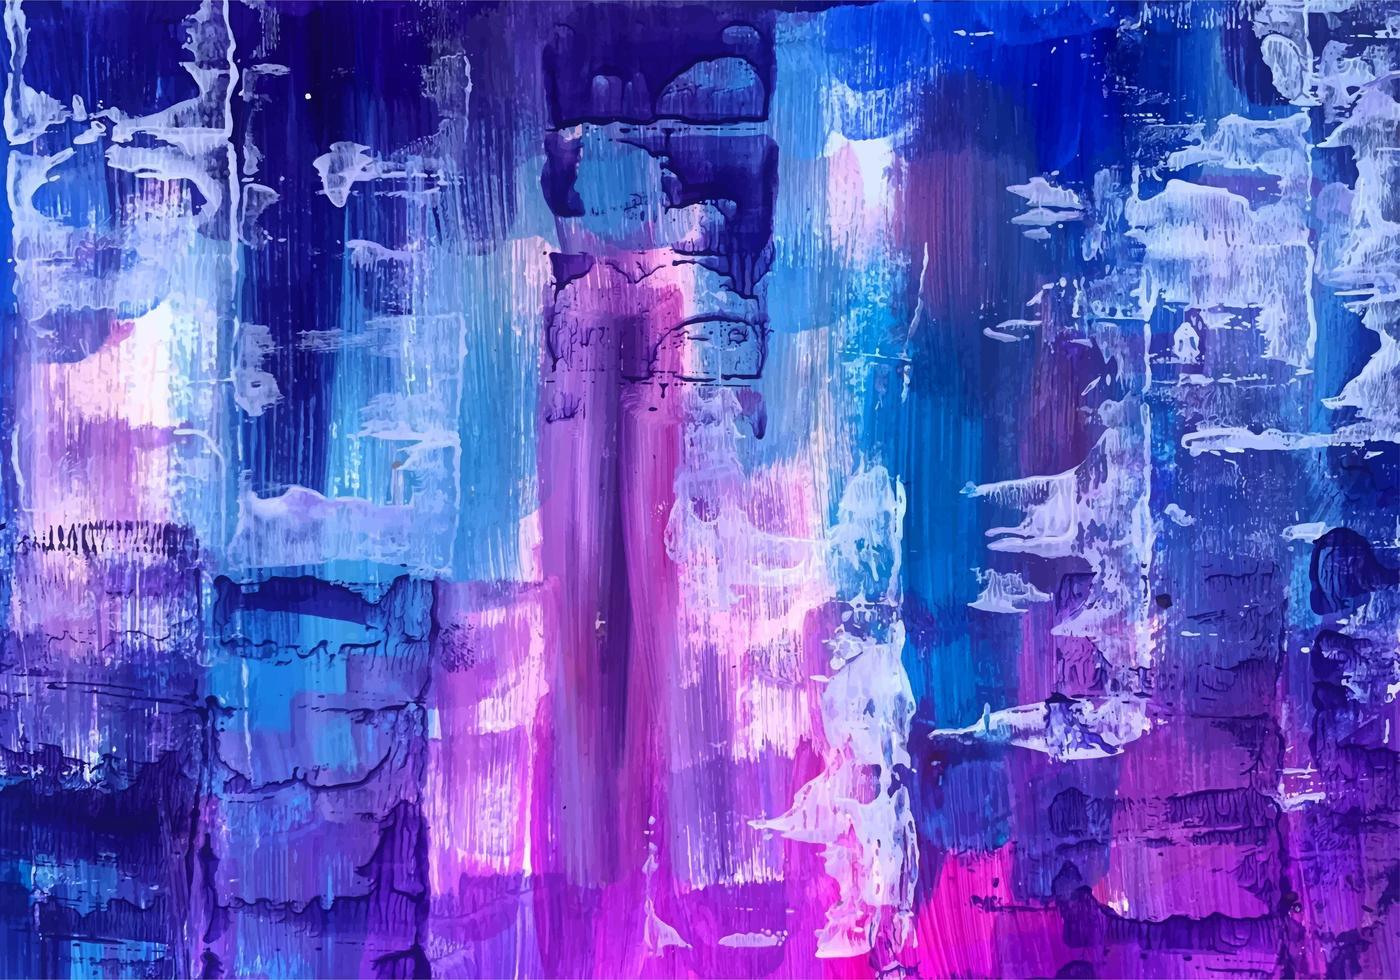 dipinto a mano astratto sfondo colorato trama vettore